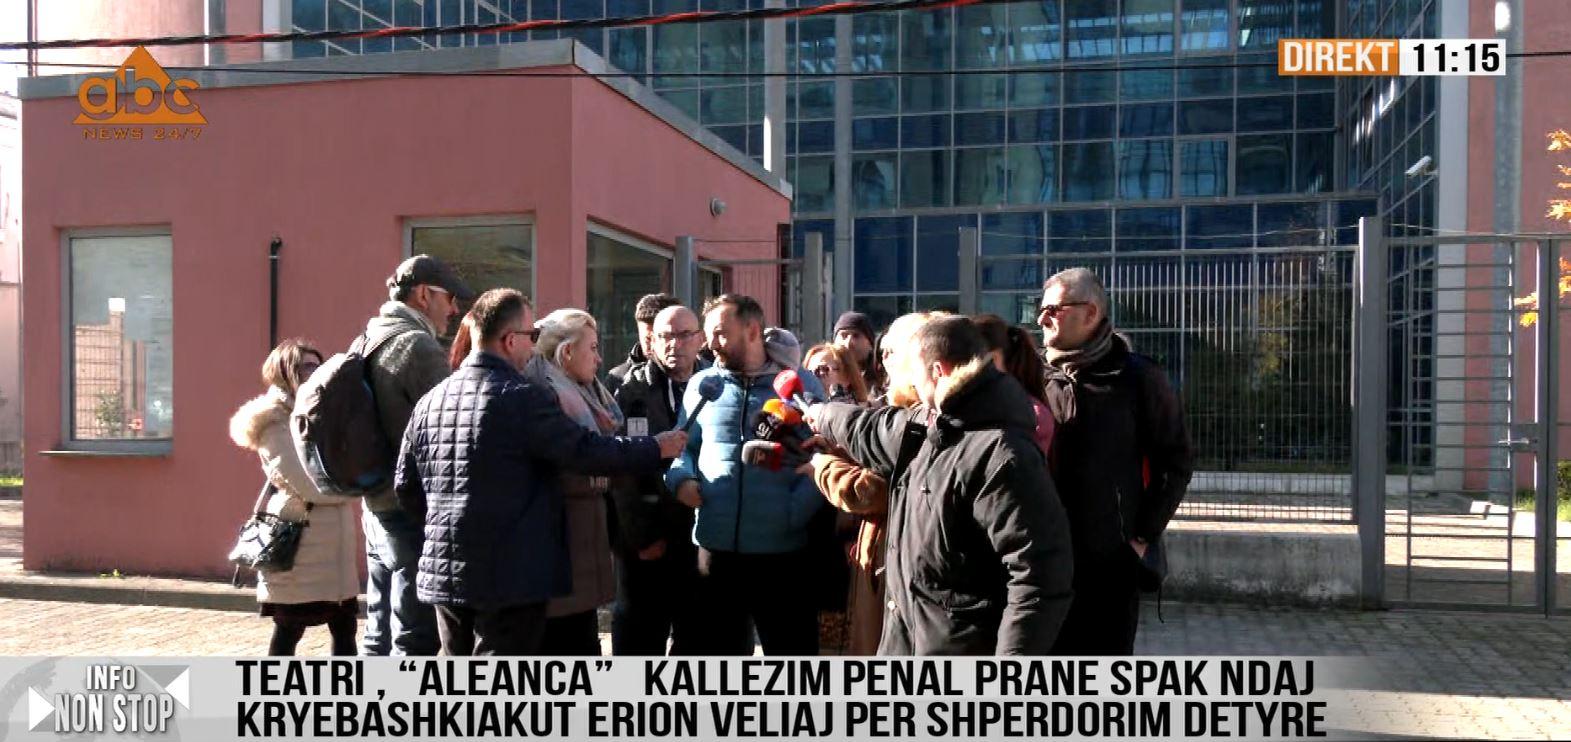 DOKUMENTI / Aleanca për Mbrojtjen e Teatrit: Kallzim penal për Erion Veliaj